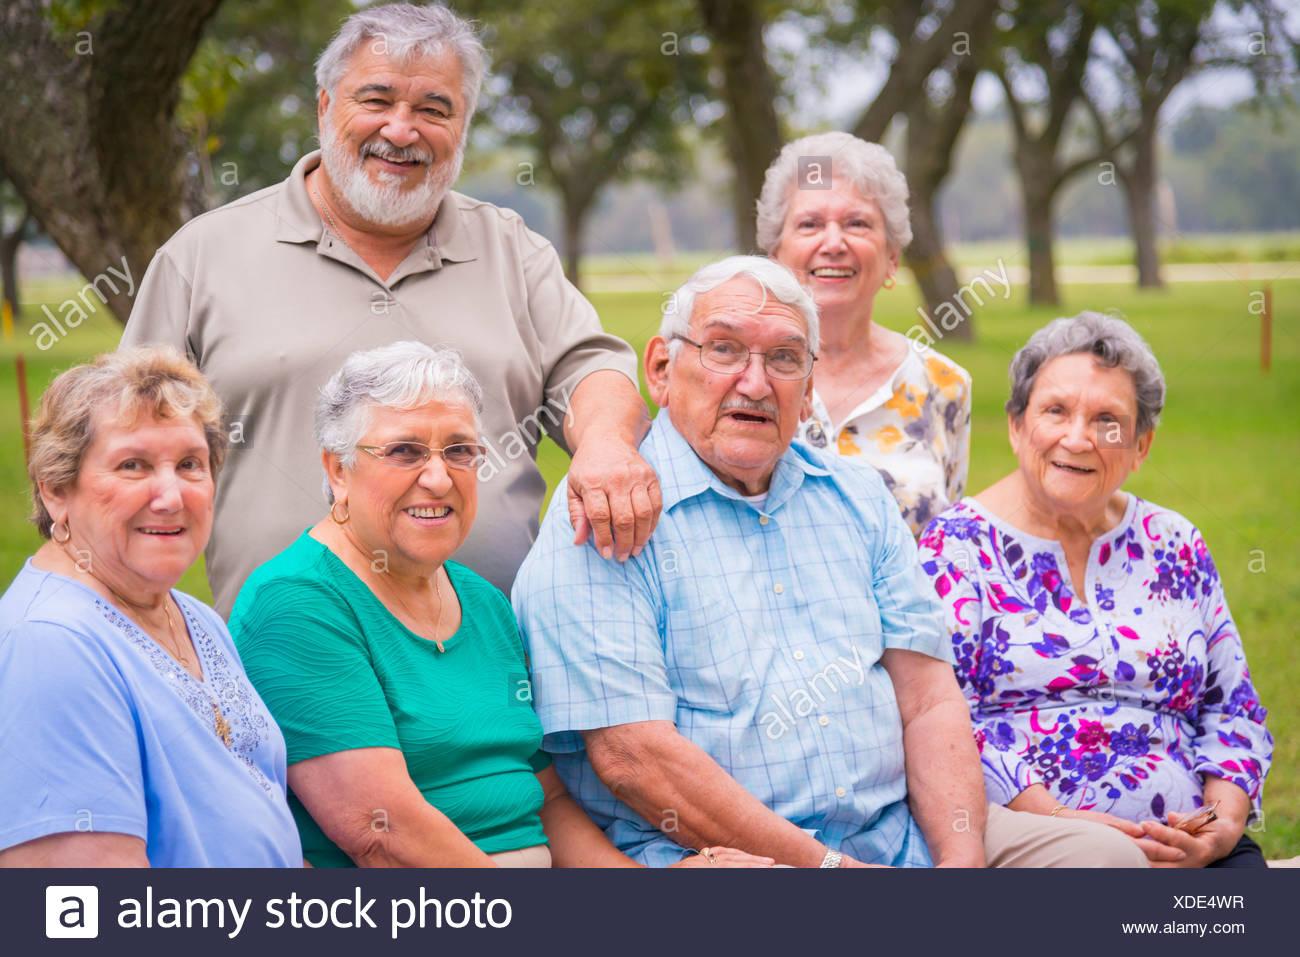 USA, Texas, Gruppenfoto der Senioren auf Wiedersehen-treffen Stockbild